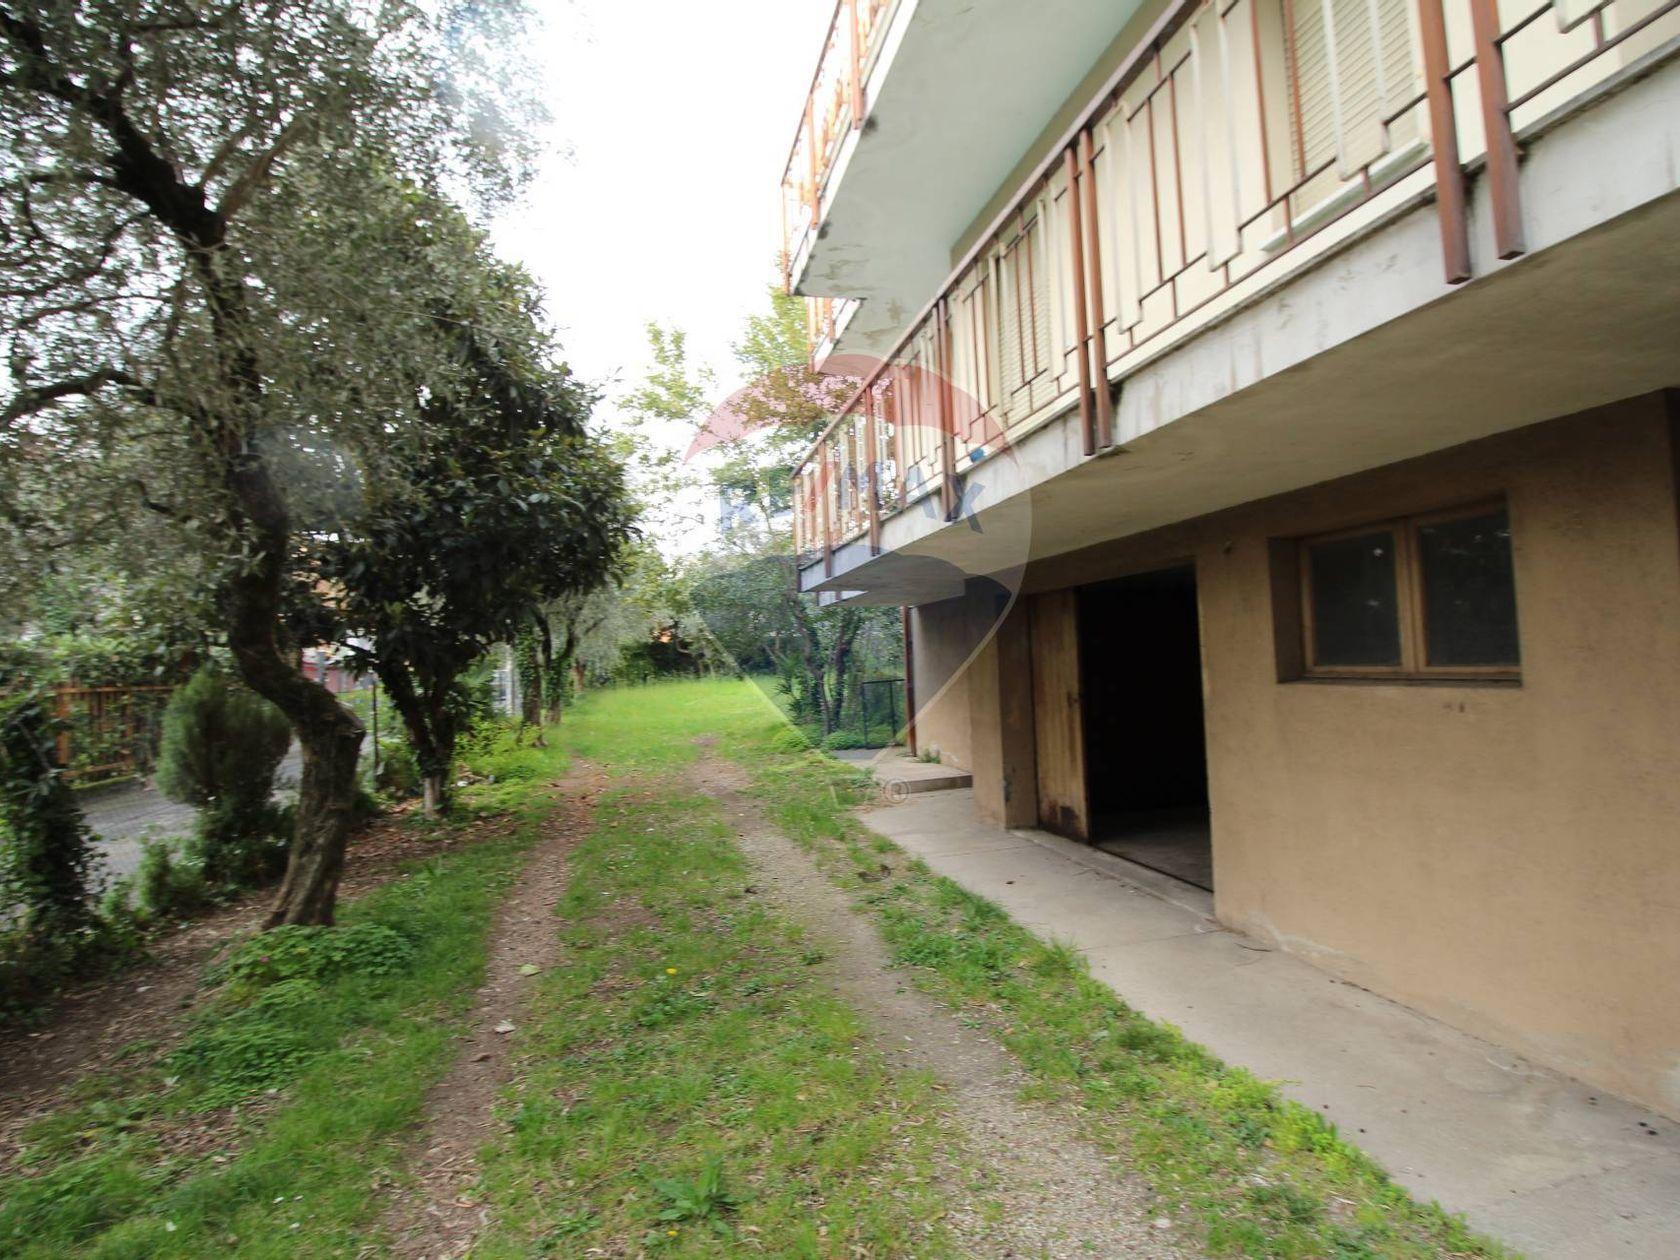 Locale Commerciale Toscolano-Maderno, BS Vendita - Foto 22